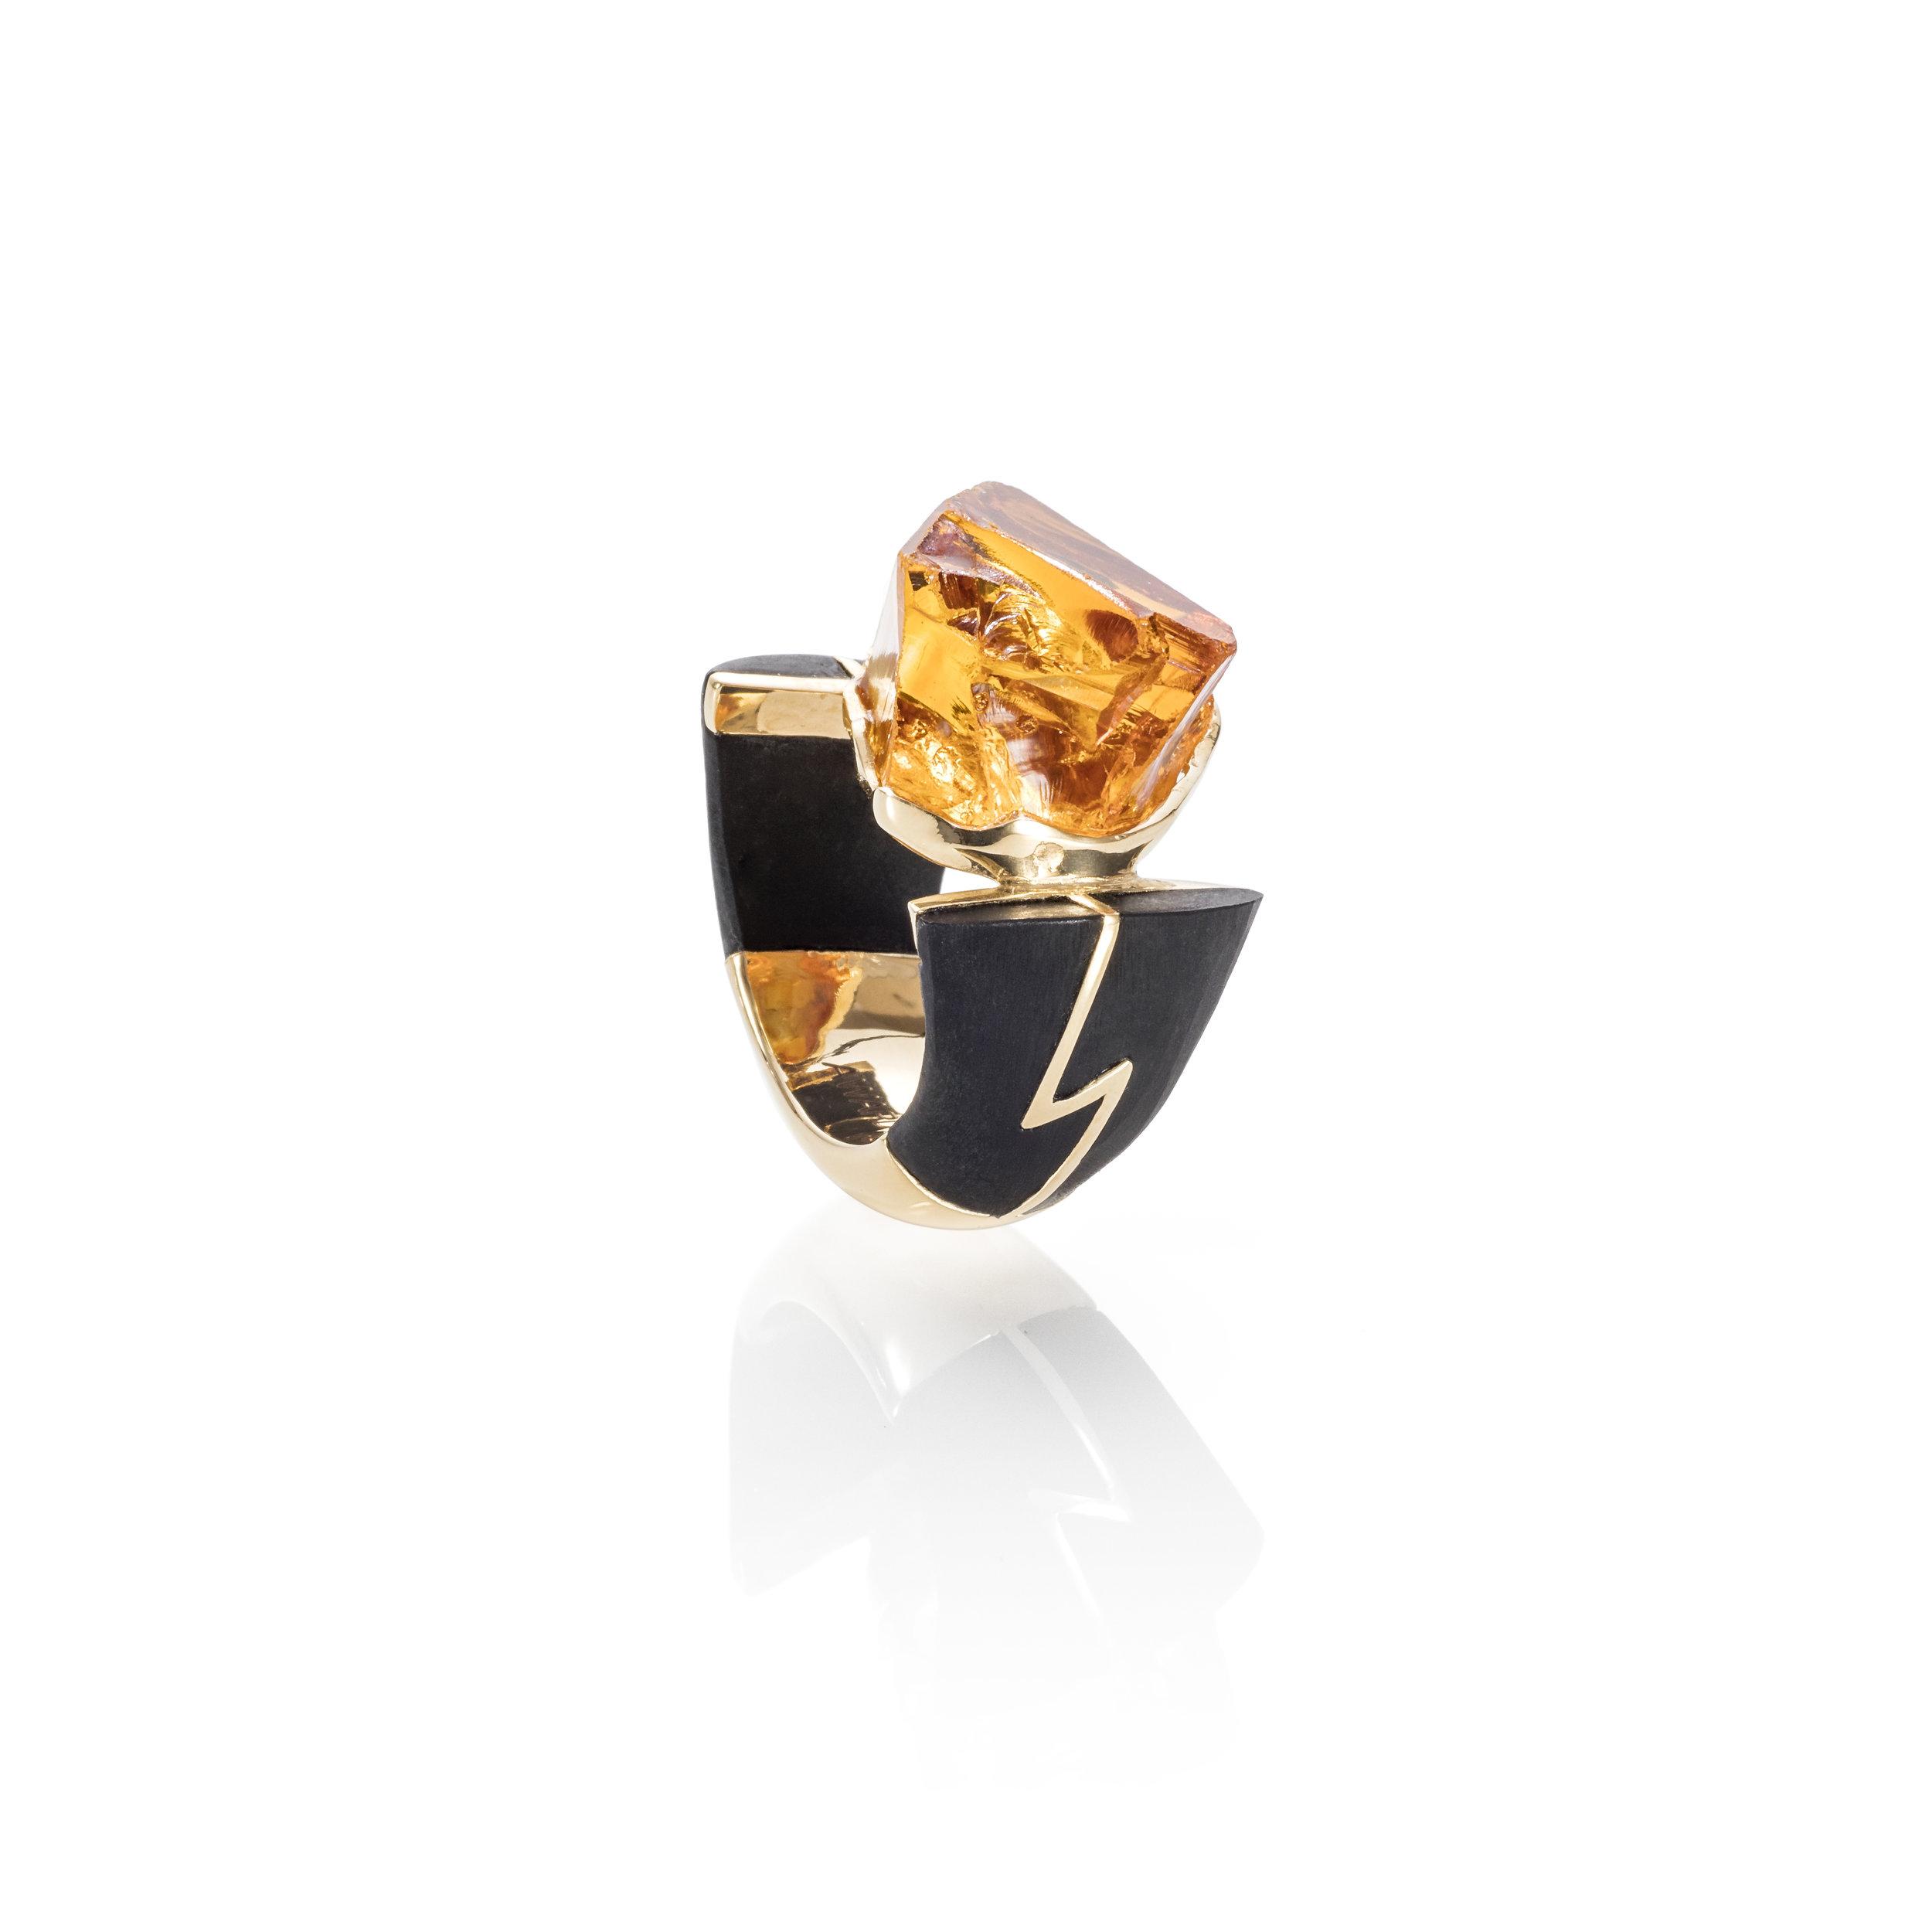 巴西干邑水晶,18k黄金镶嵌黑玉戒指